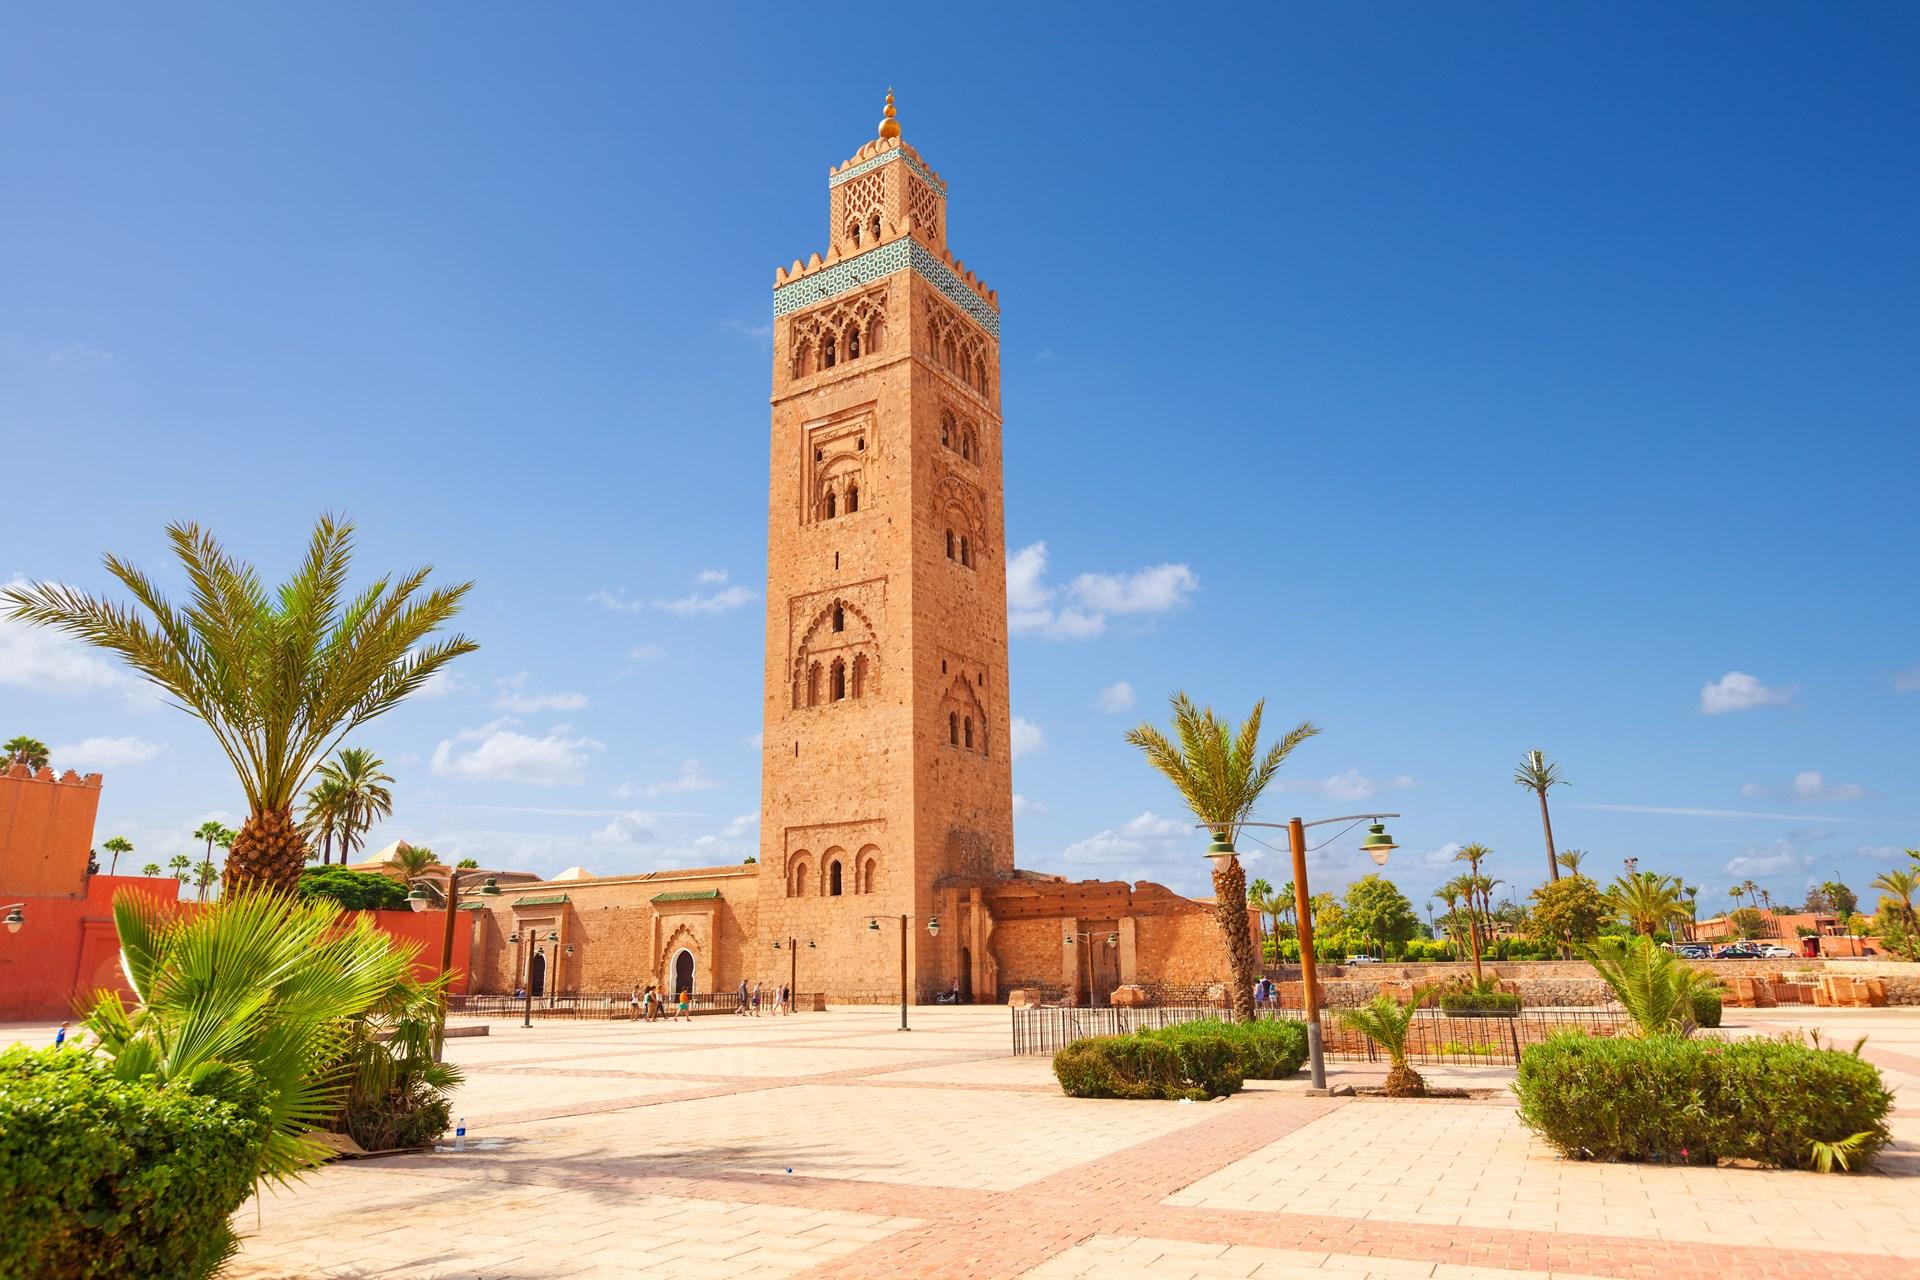 Vacances à Marrakech : pourquoi choisir un appartement comme hébergement ?